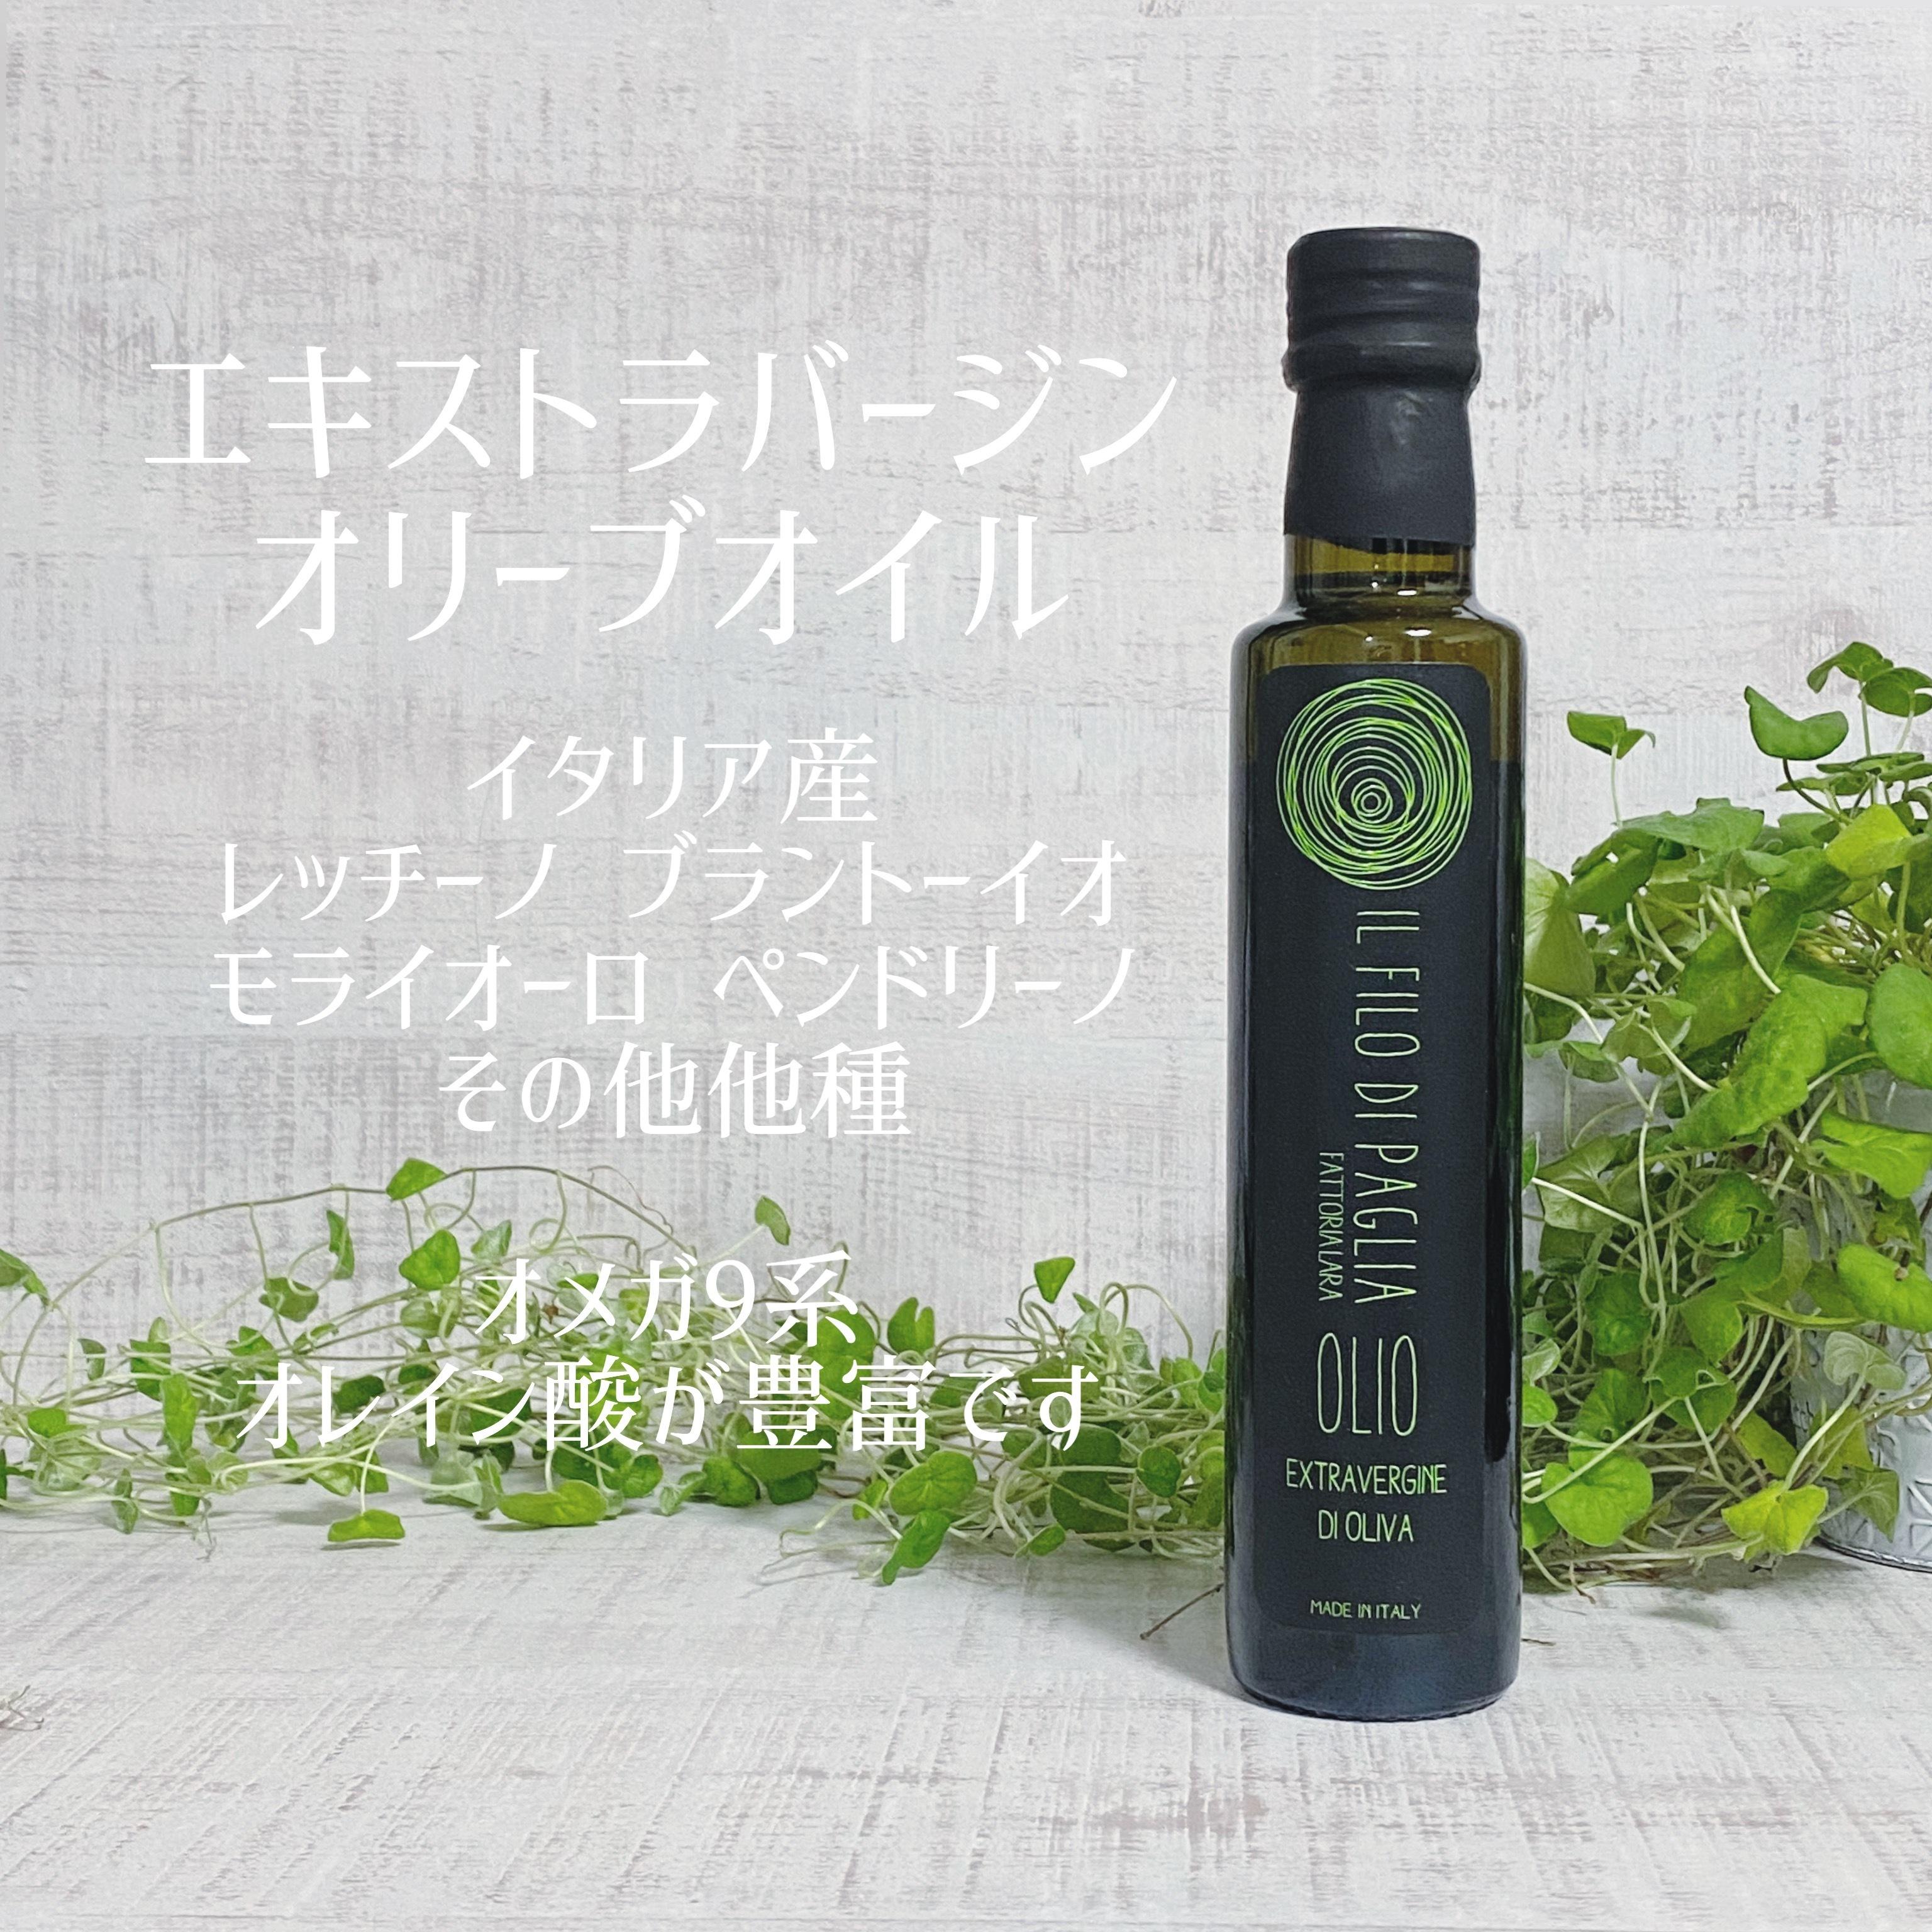 アサクラ/オリーブオイルコレクション/イルフィーロディパーリア わら一本/オメガ9